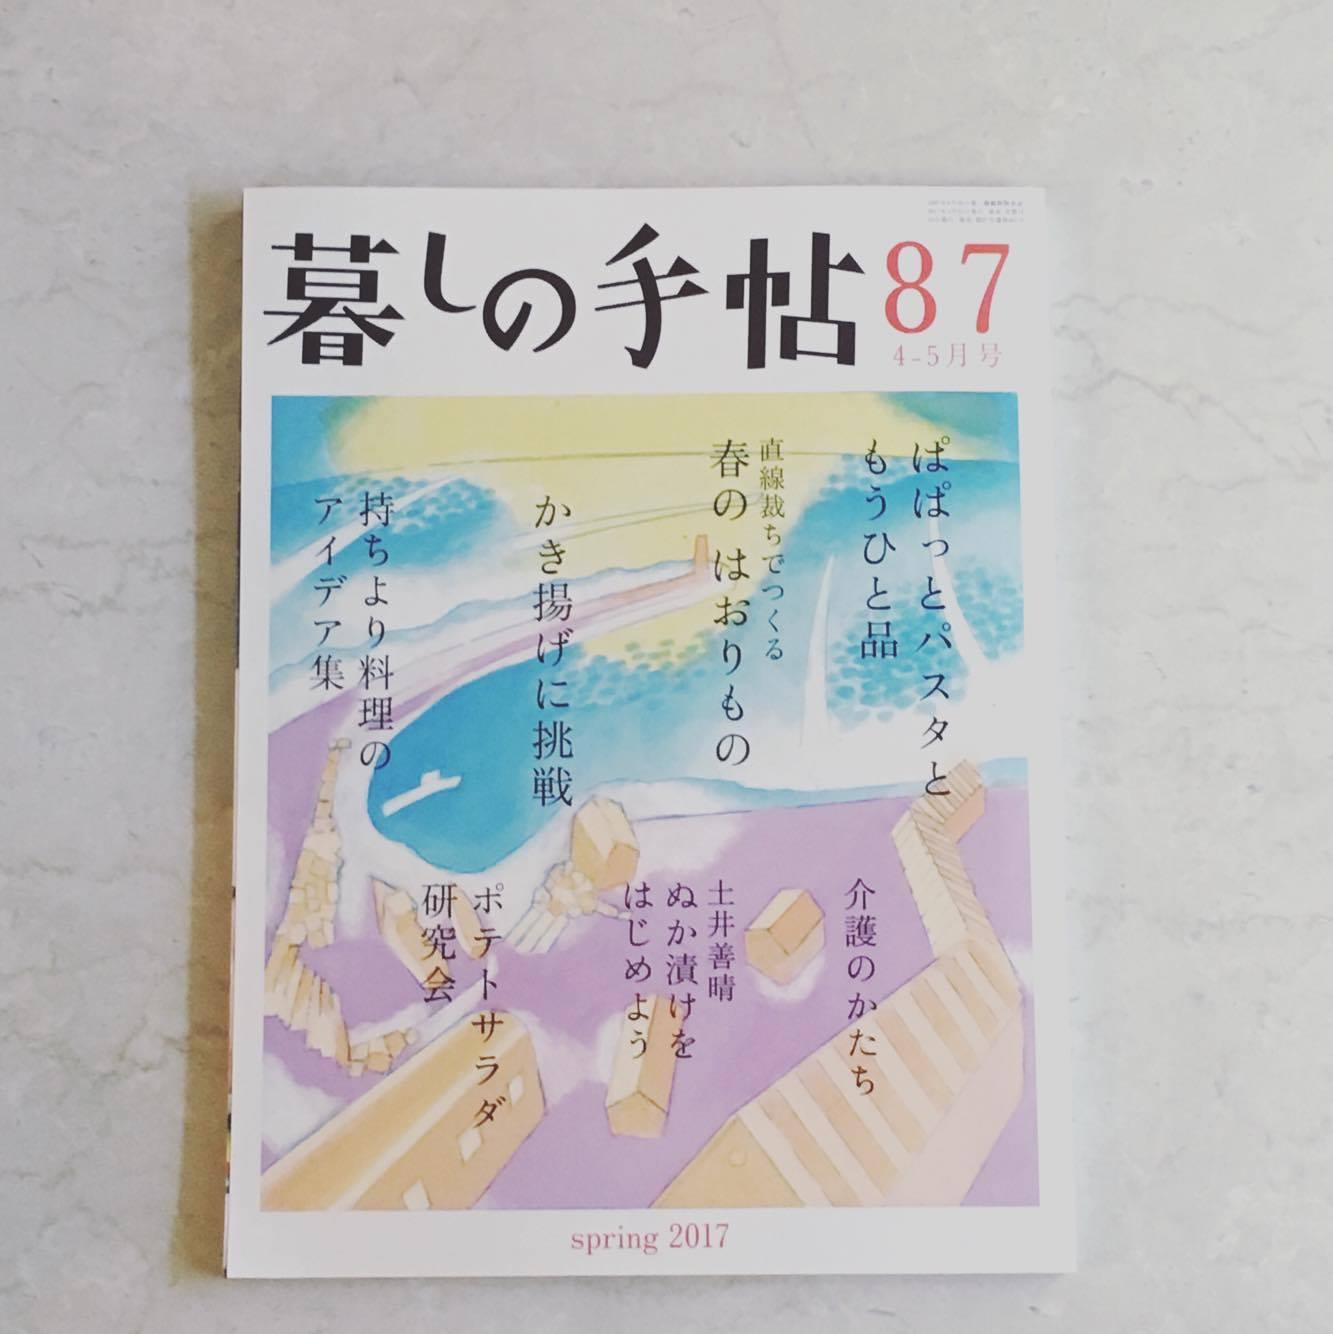 先日発売されたばかりの暮しの手帖。